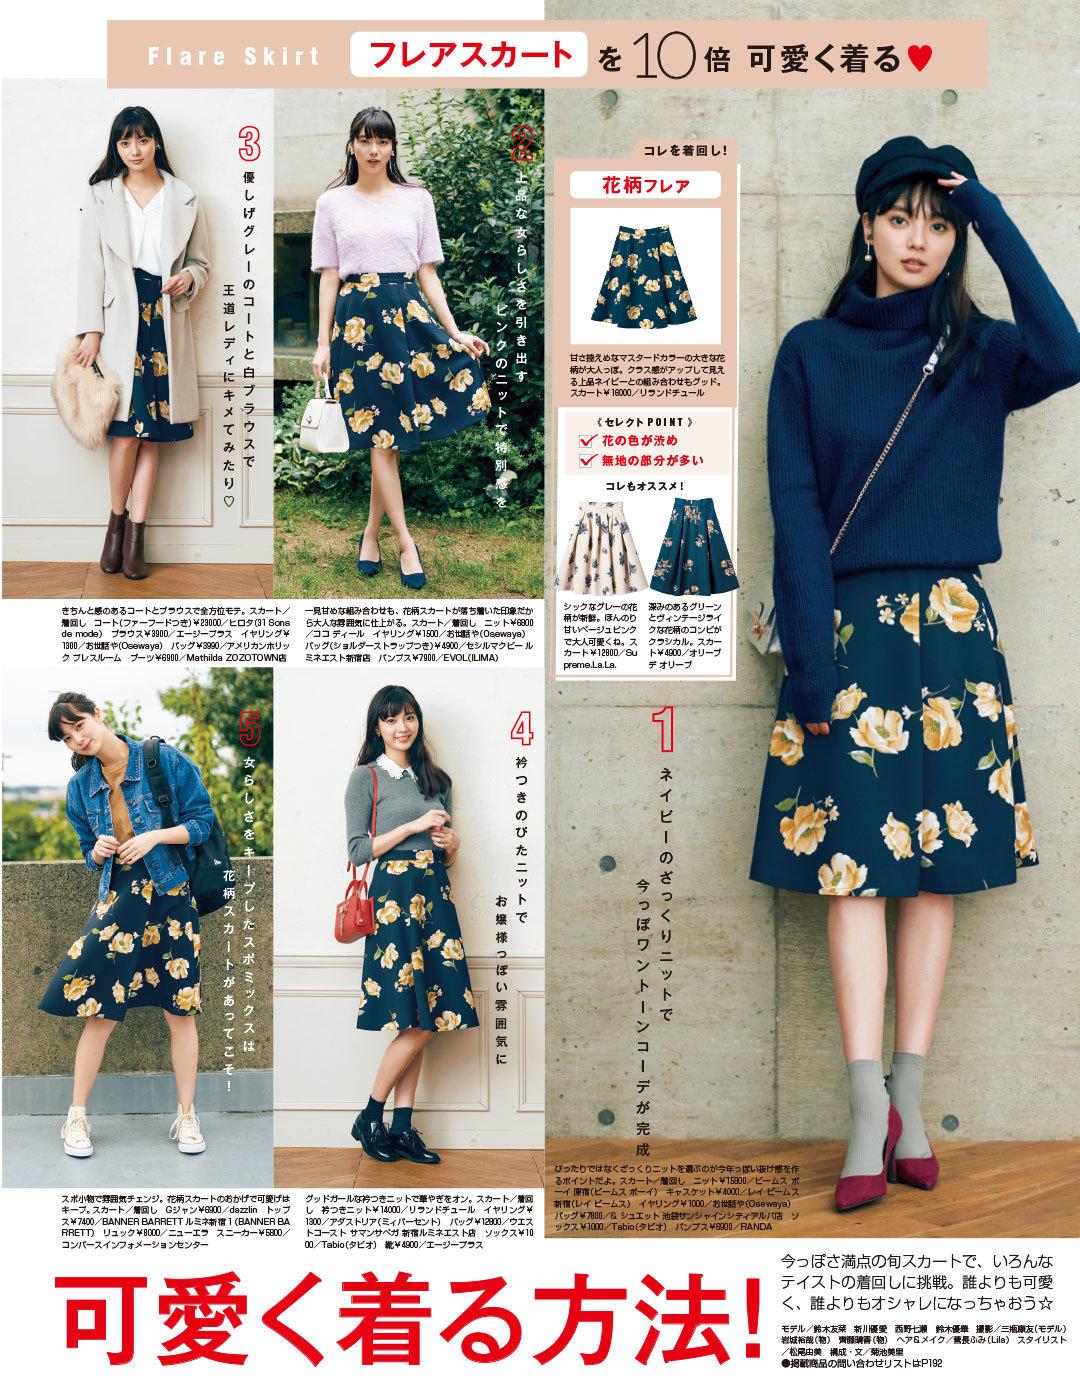 旬スカートを10倍可愛く着る方法!